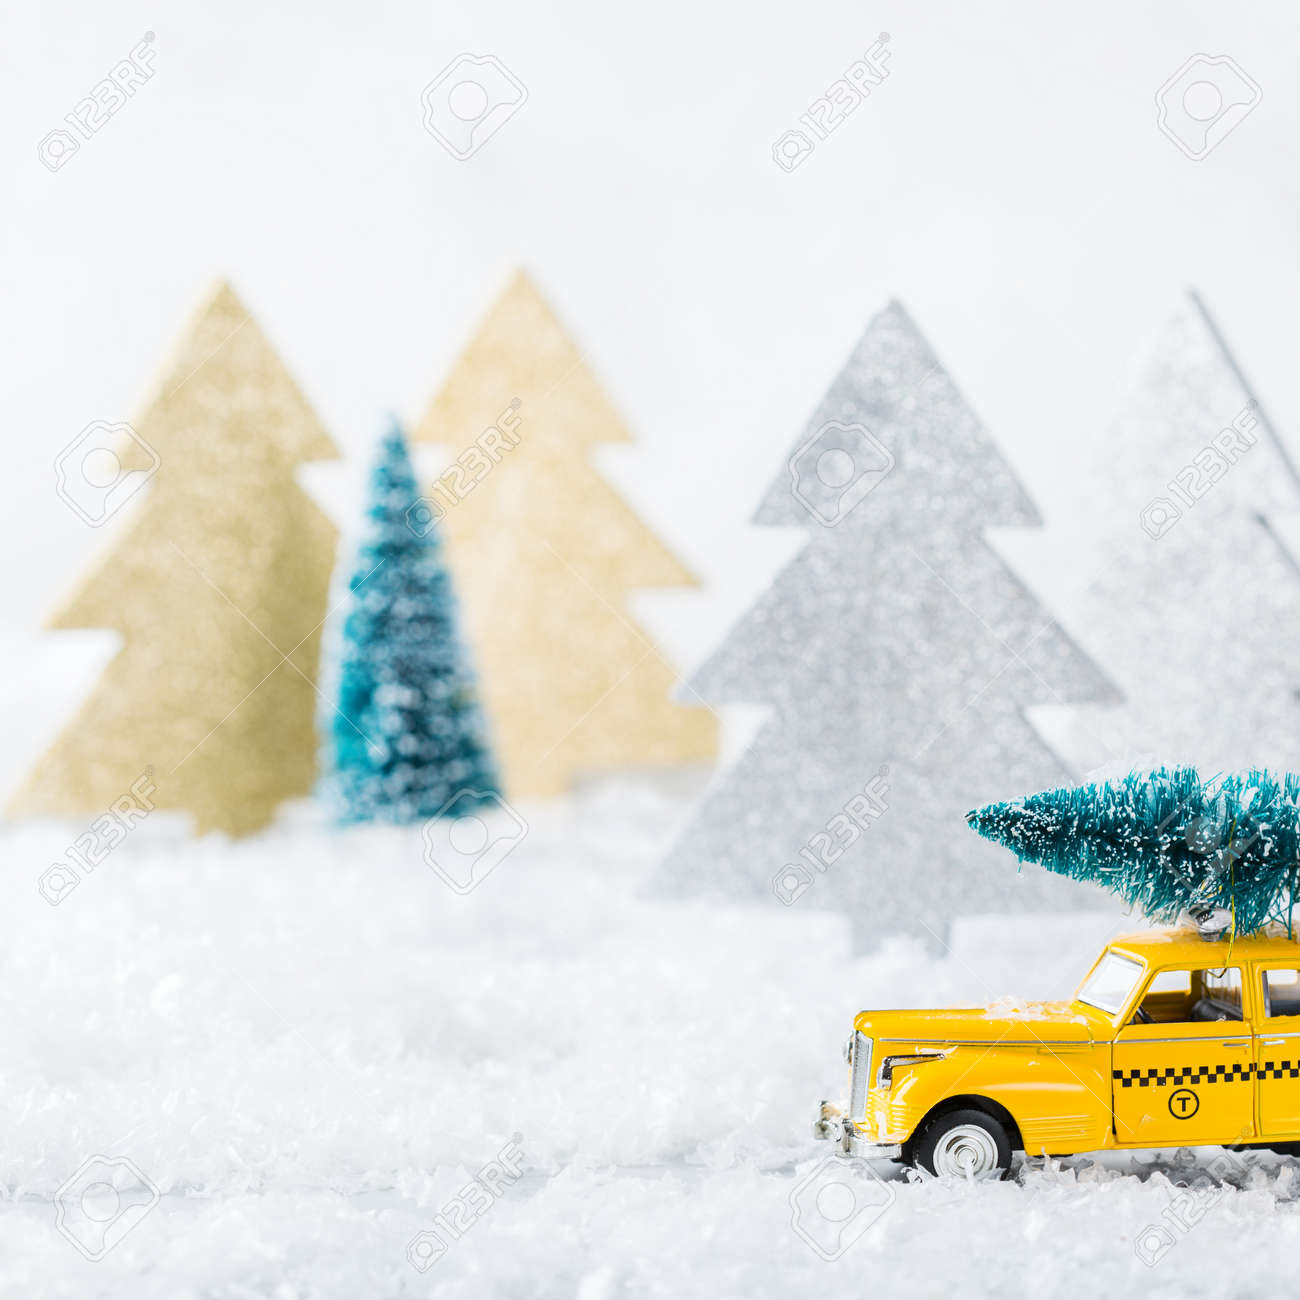 Concept Du Carte AnVoiture Un Nouvel Transportant Noël NeigeCopiez Voeux Dans Vacances Jouet Une De L'espace Arbre Jaune Taxi Forêt PuXZki